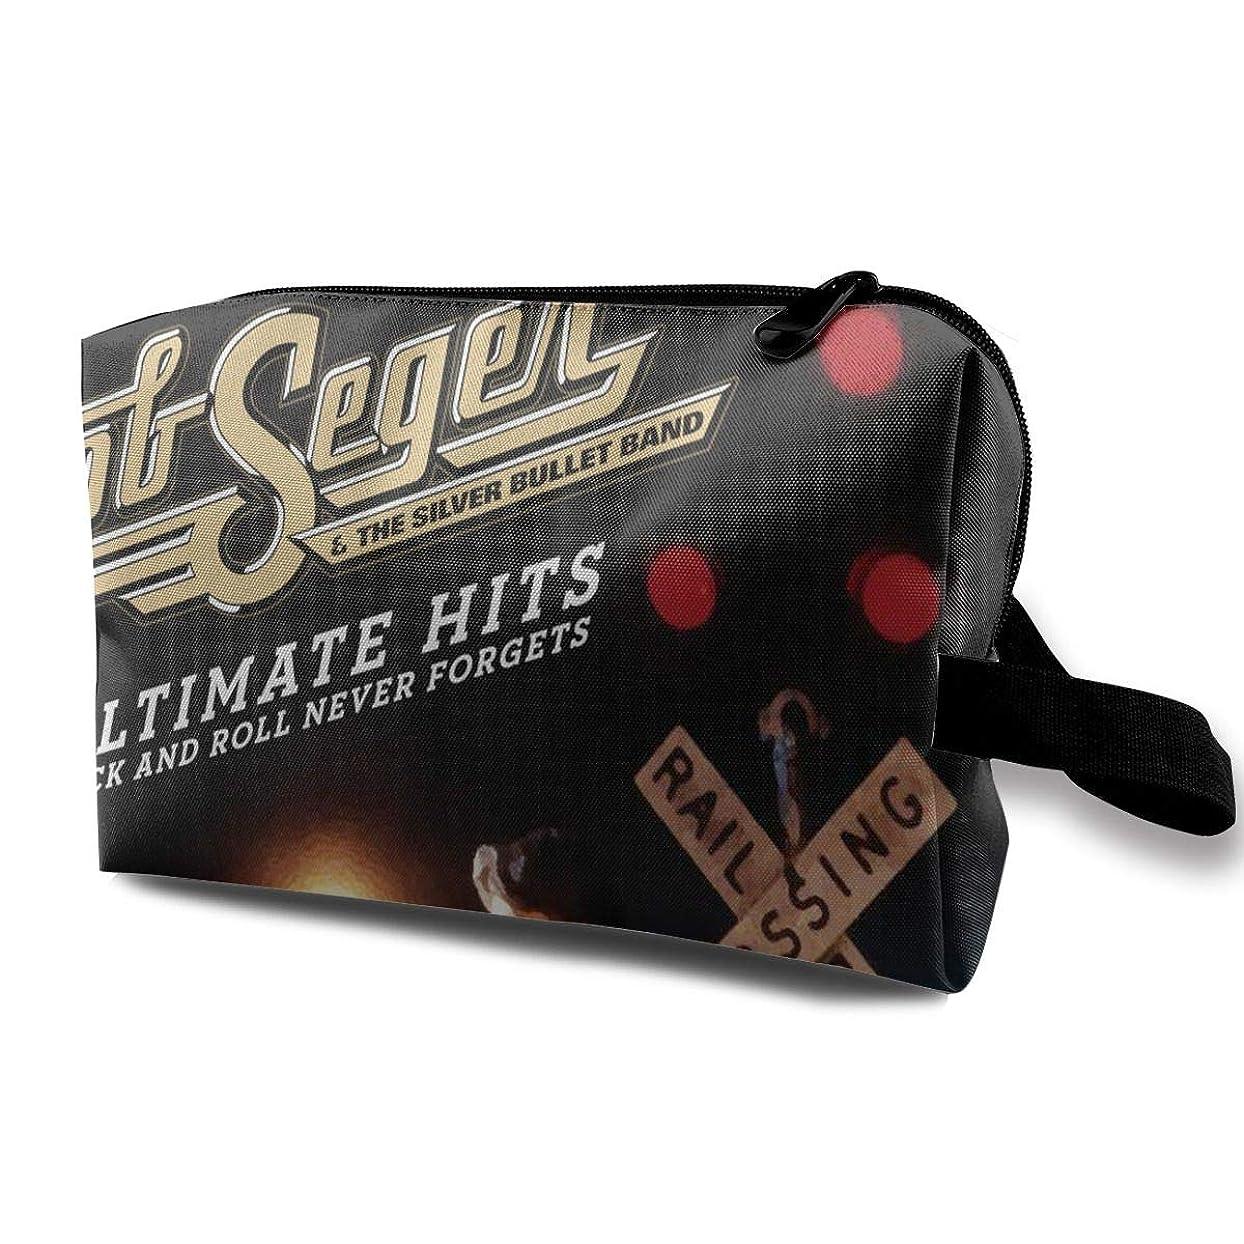 開発ポーク難しいBeatriceBGault Bob Seger レディース ポータブル ジッパー付き 旅行コスメバッグ メイクアップバッグ